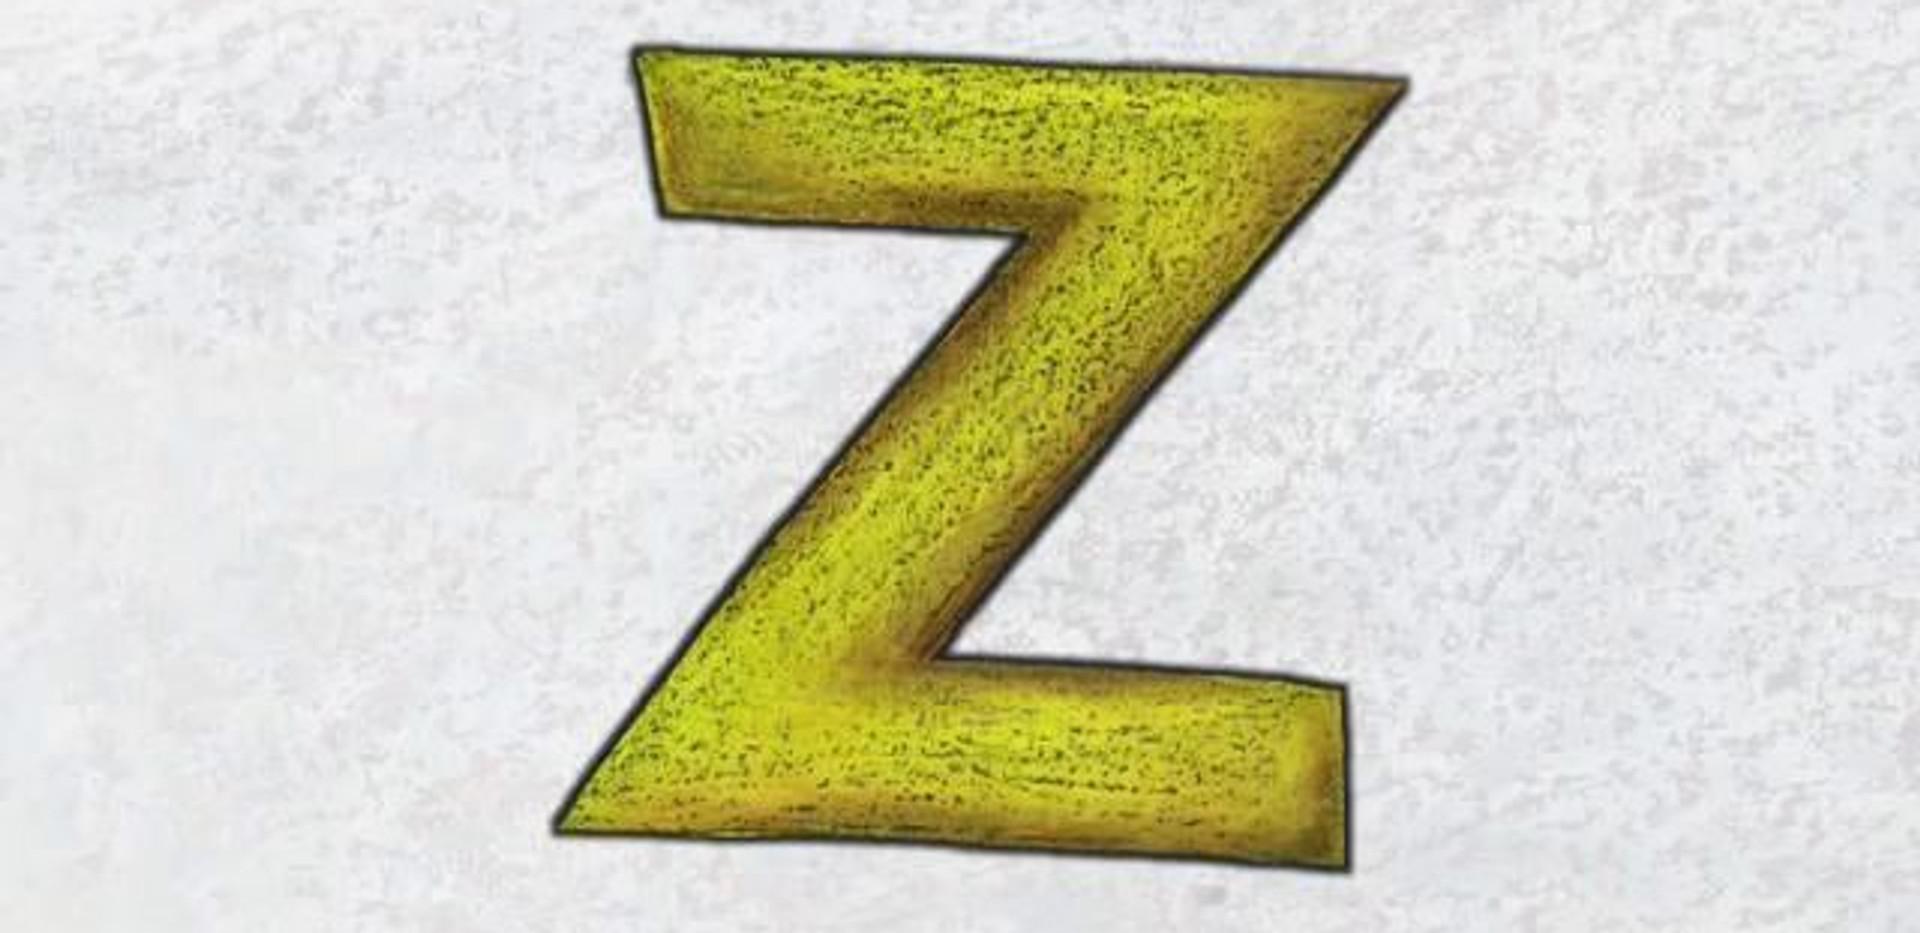 O COZINHEIRO ZANGÃO  Ilha das Cores   REALIZAÇÃO |  Francisco Xavier Menezes  MÚSICA |  José Dias  VOZ |  Joana Brandão  PRODUÇÃO | Sardinha em Lata  ANO |  2009